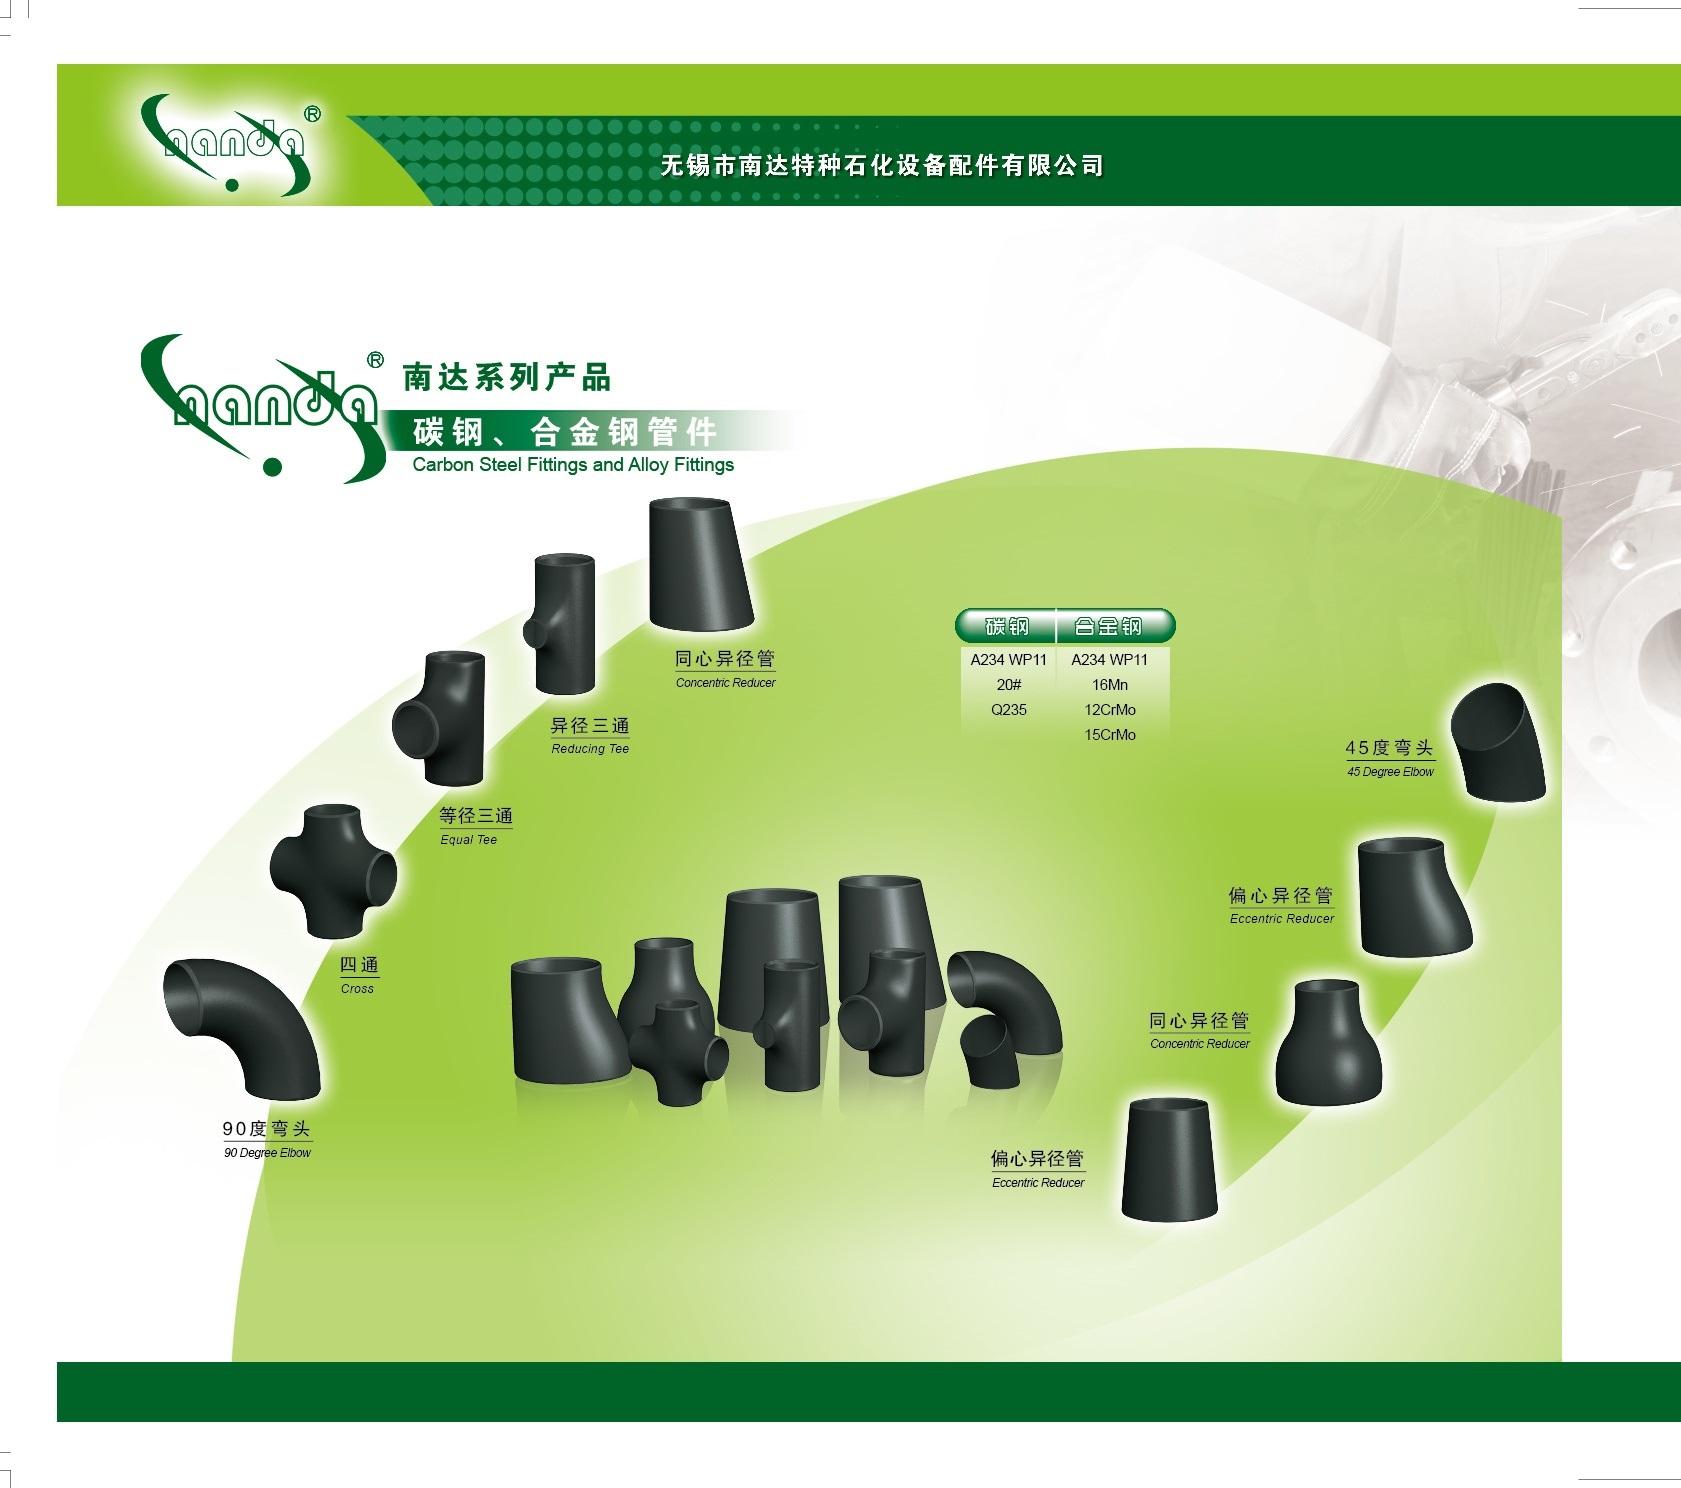 碳钢、合金钢管件 (1)